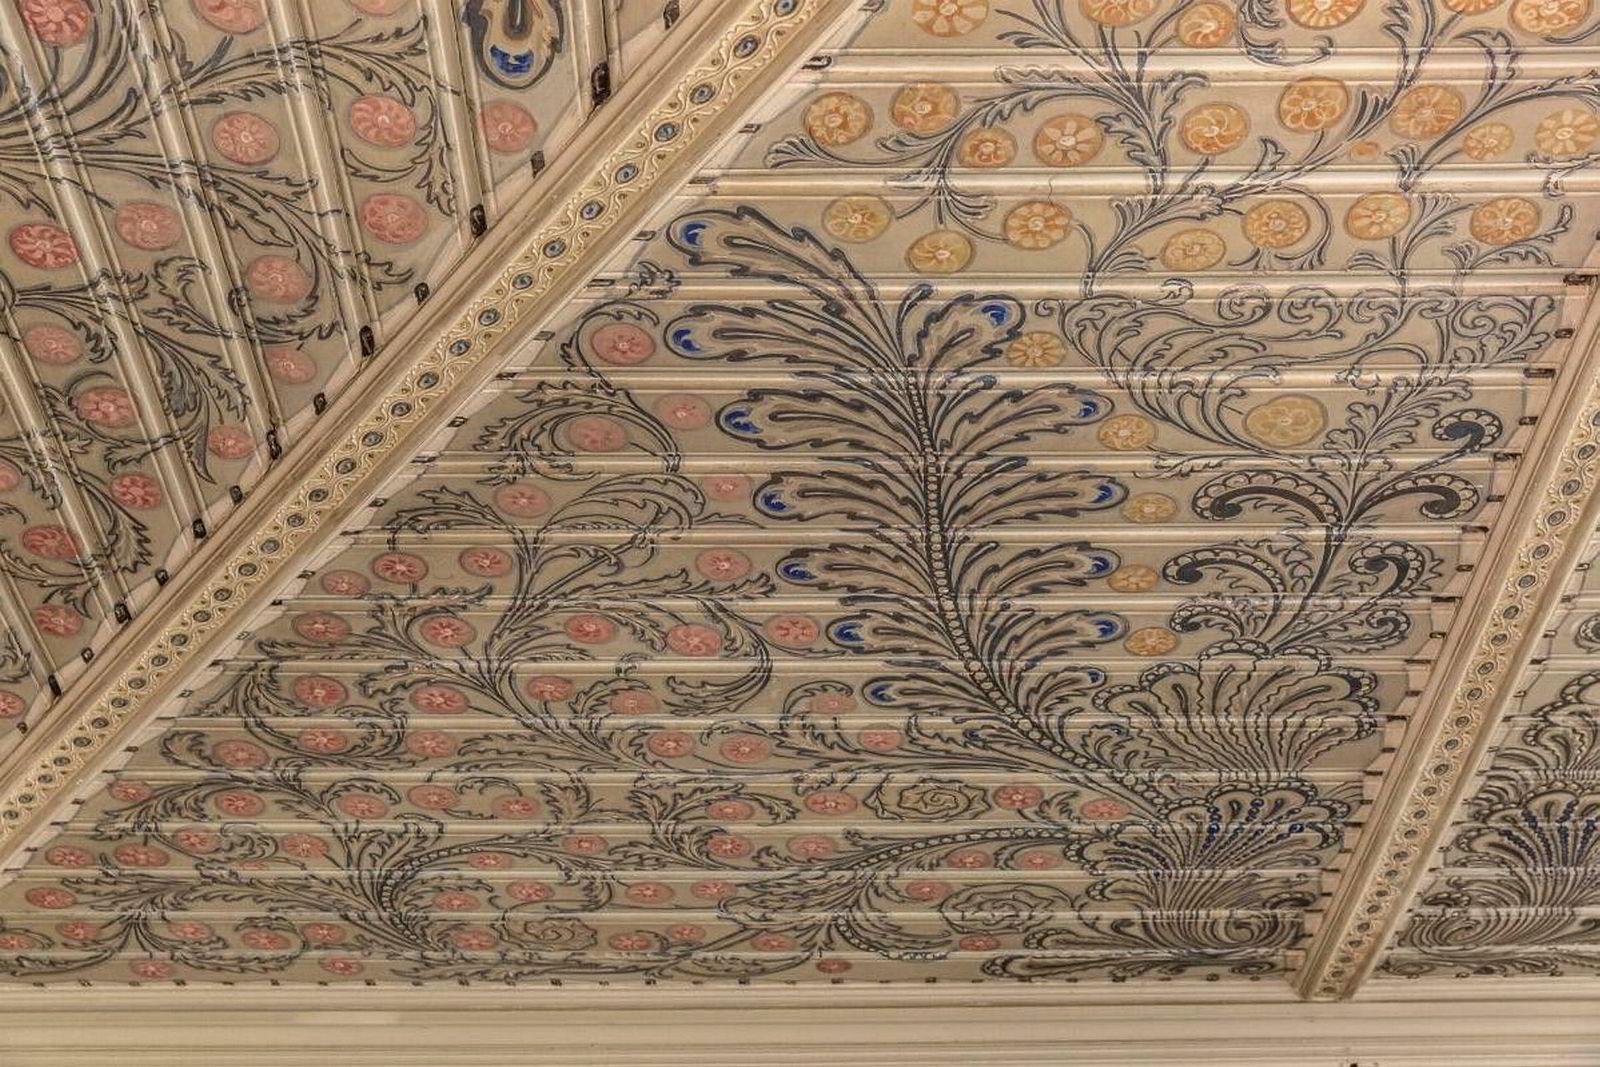 Villaen er bygget på 1800-tallet, og er derfor fredet. Avbildet detaljer i taket som er bevart.